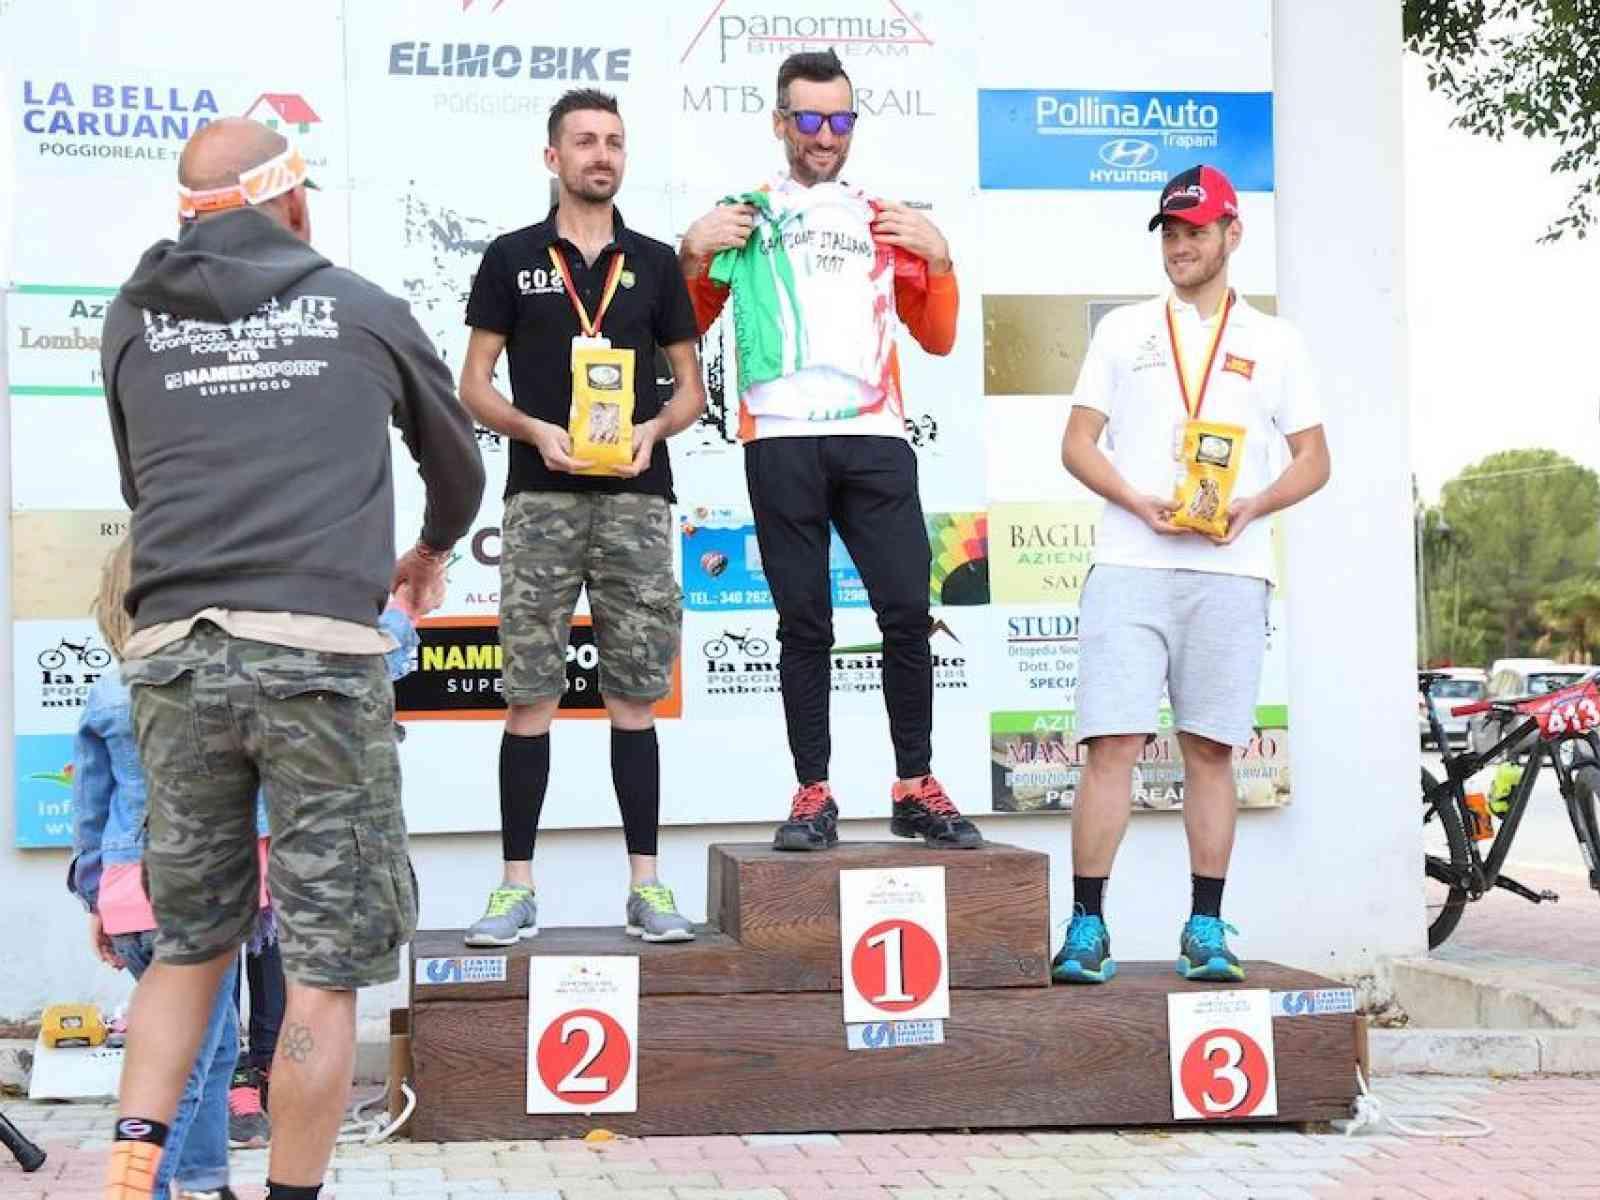 5a Gran Fondo di Mountain Bike della Valle del Belice. Vince il trapanese Piero Agosta